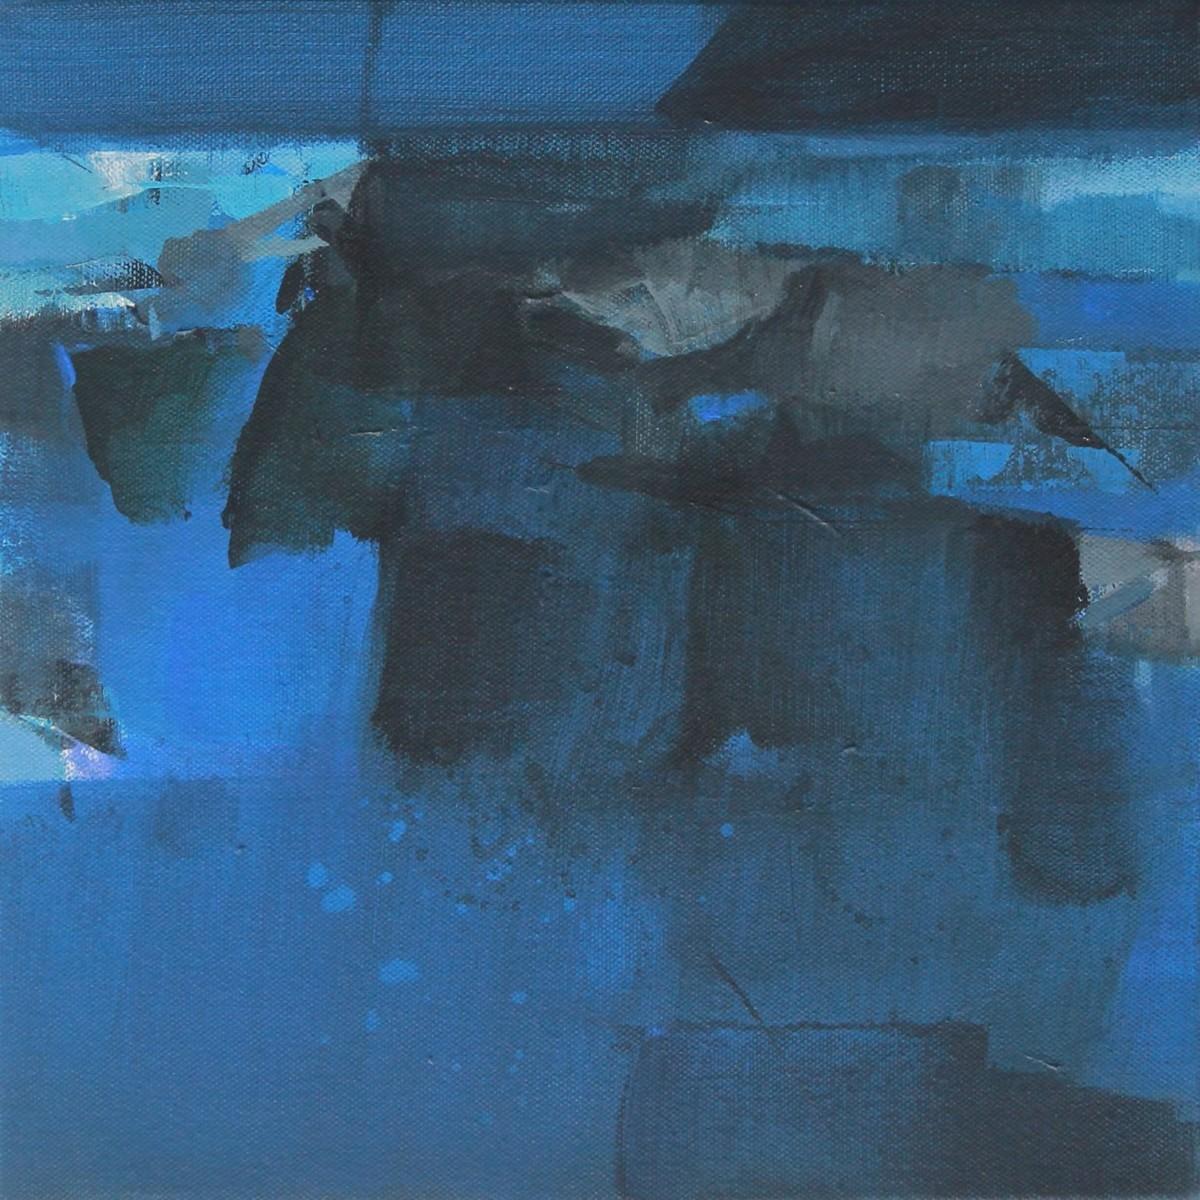 BLUE 5 by Deepak Madhukar Sonar, Abstract Painting, Acrylic on Canvas, Blue color